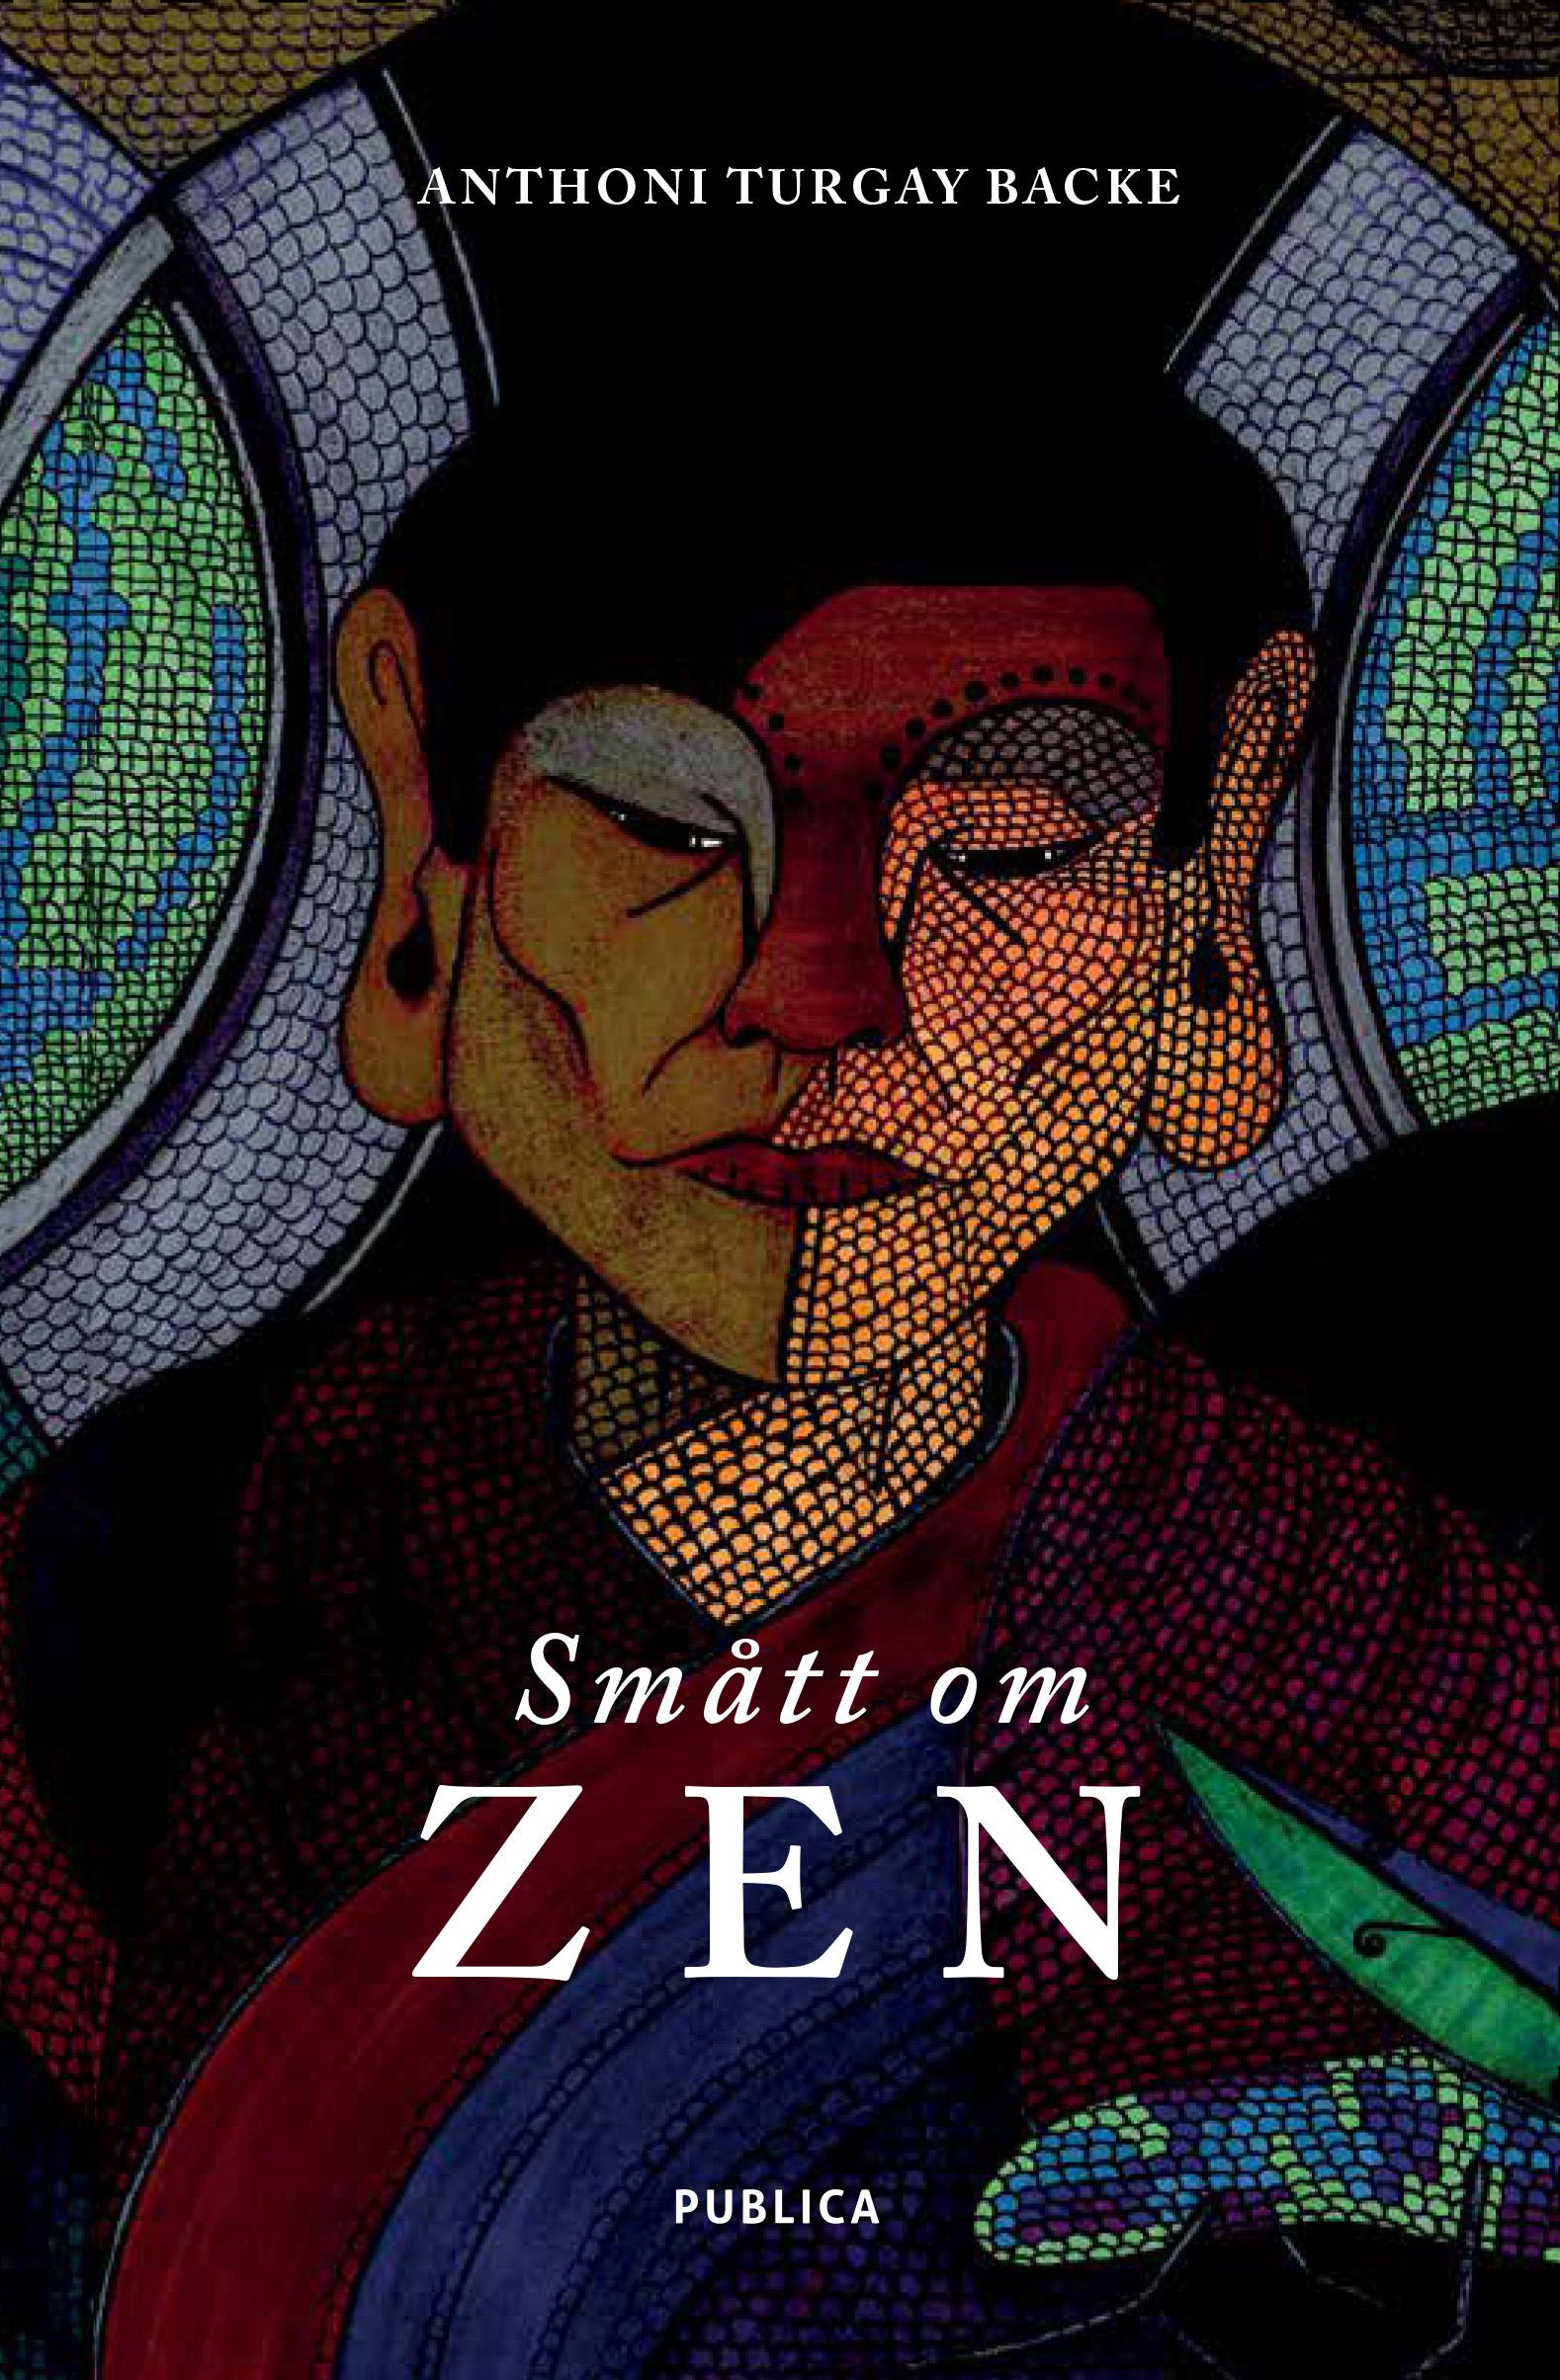 Smått om zen